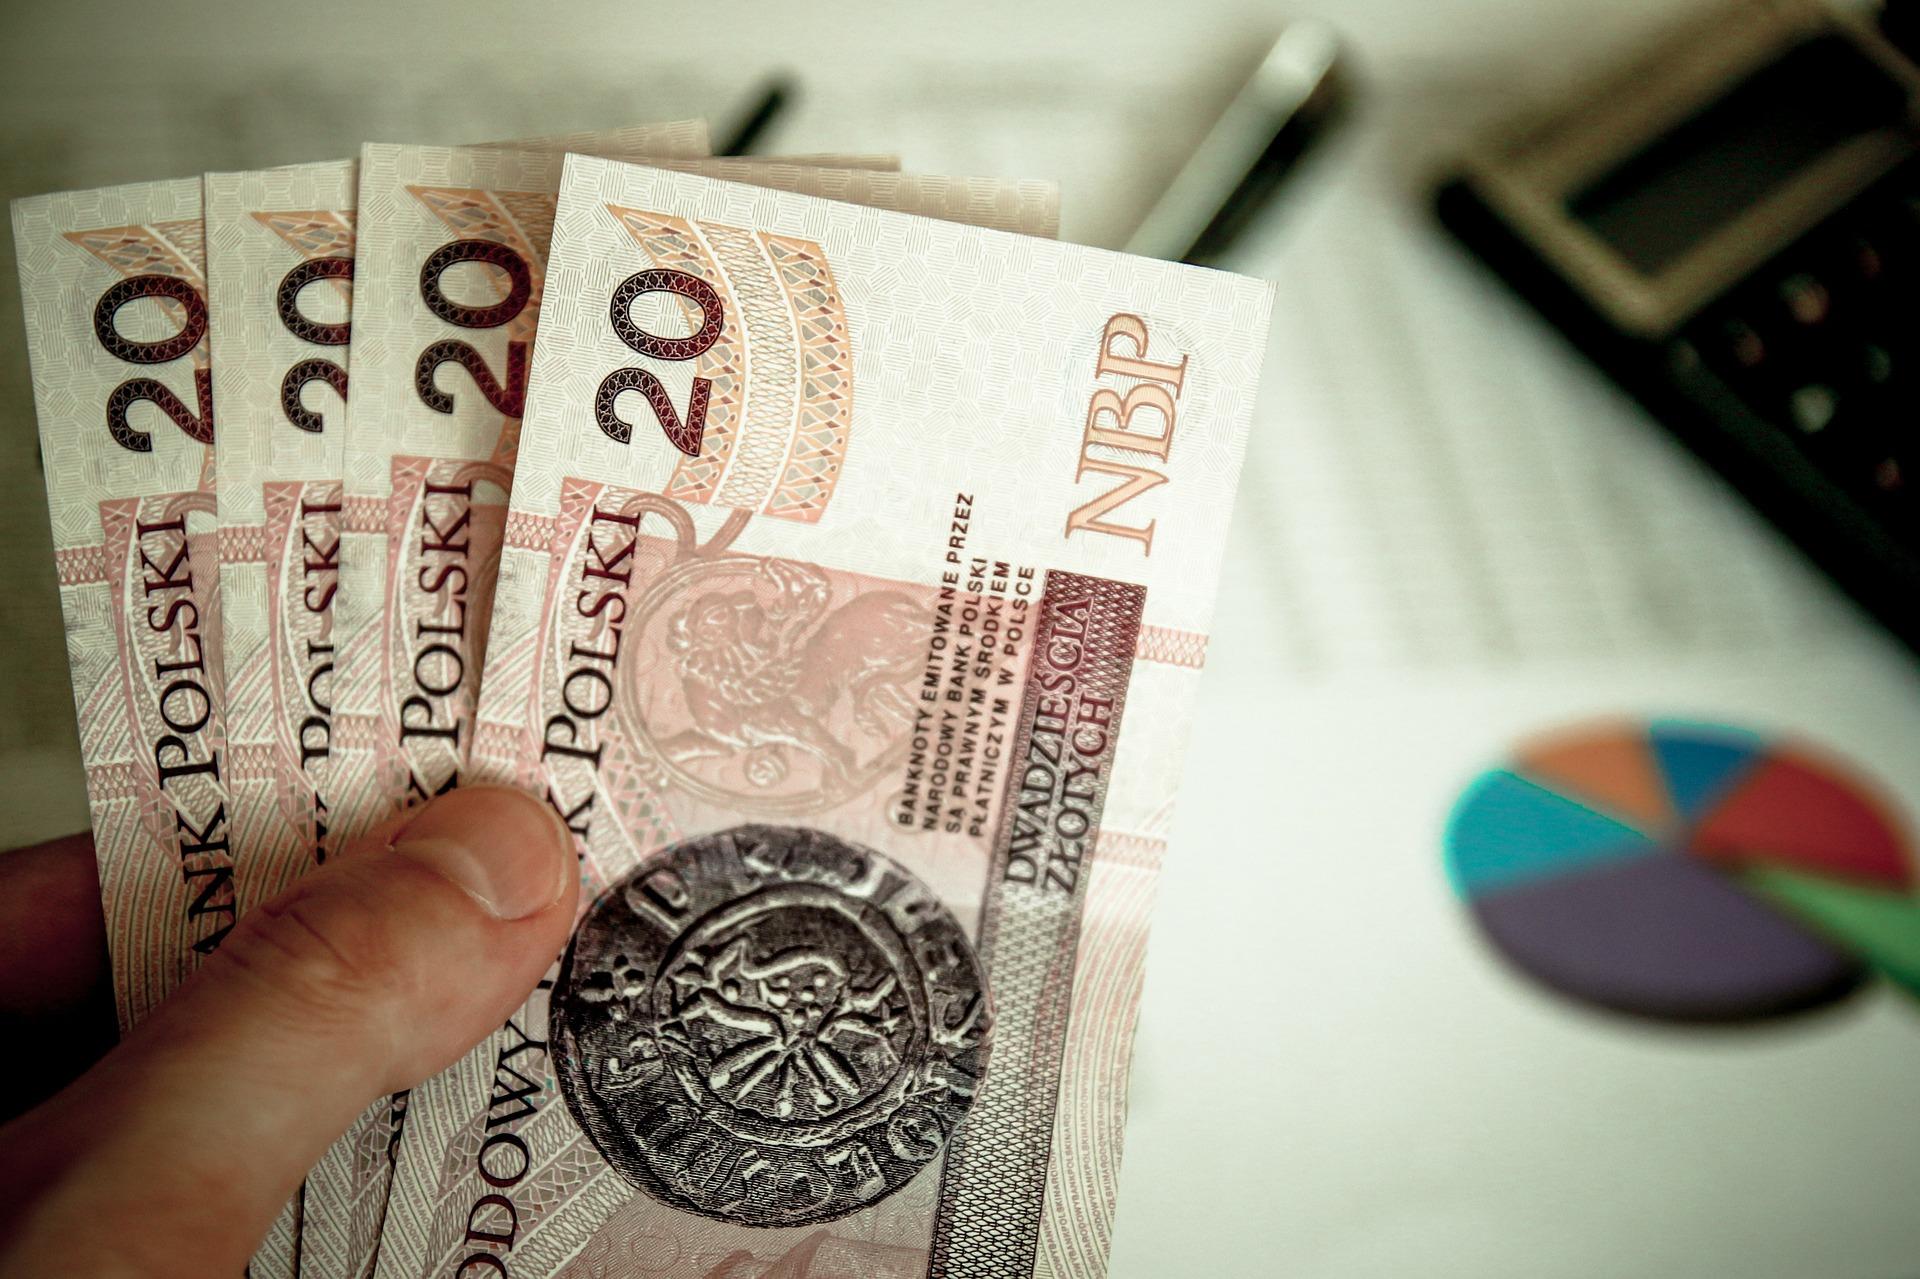 biuro rachunkowe bielsko-biała pomagające pozyskiwać dotacje